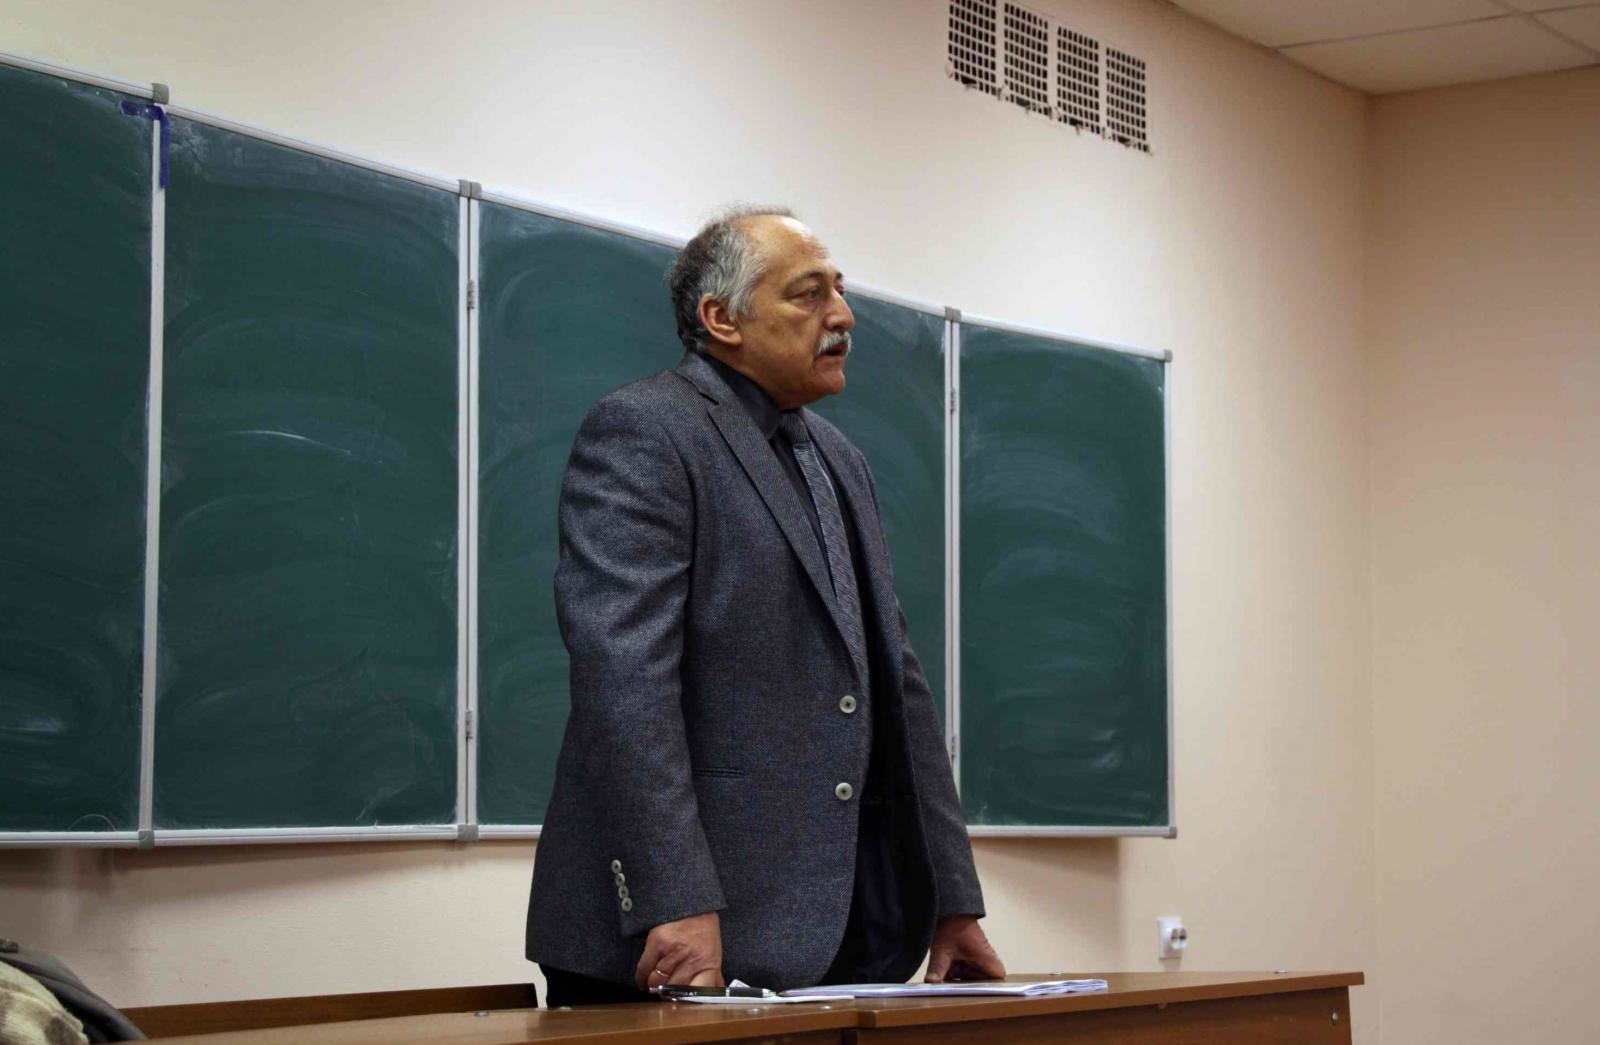 Знаменитый историк Арон Шнеер выступил с лекцией для студентов ГИ